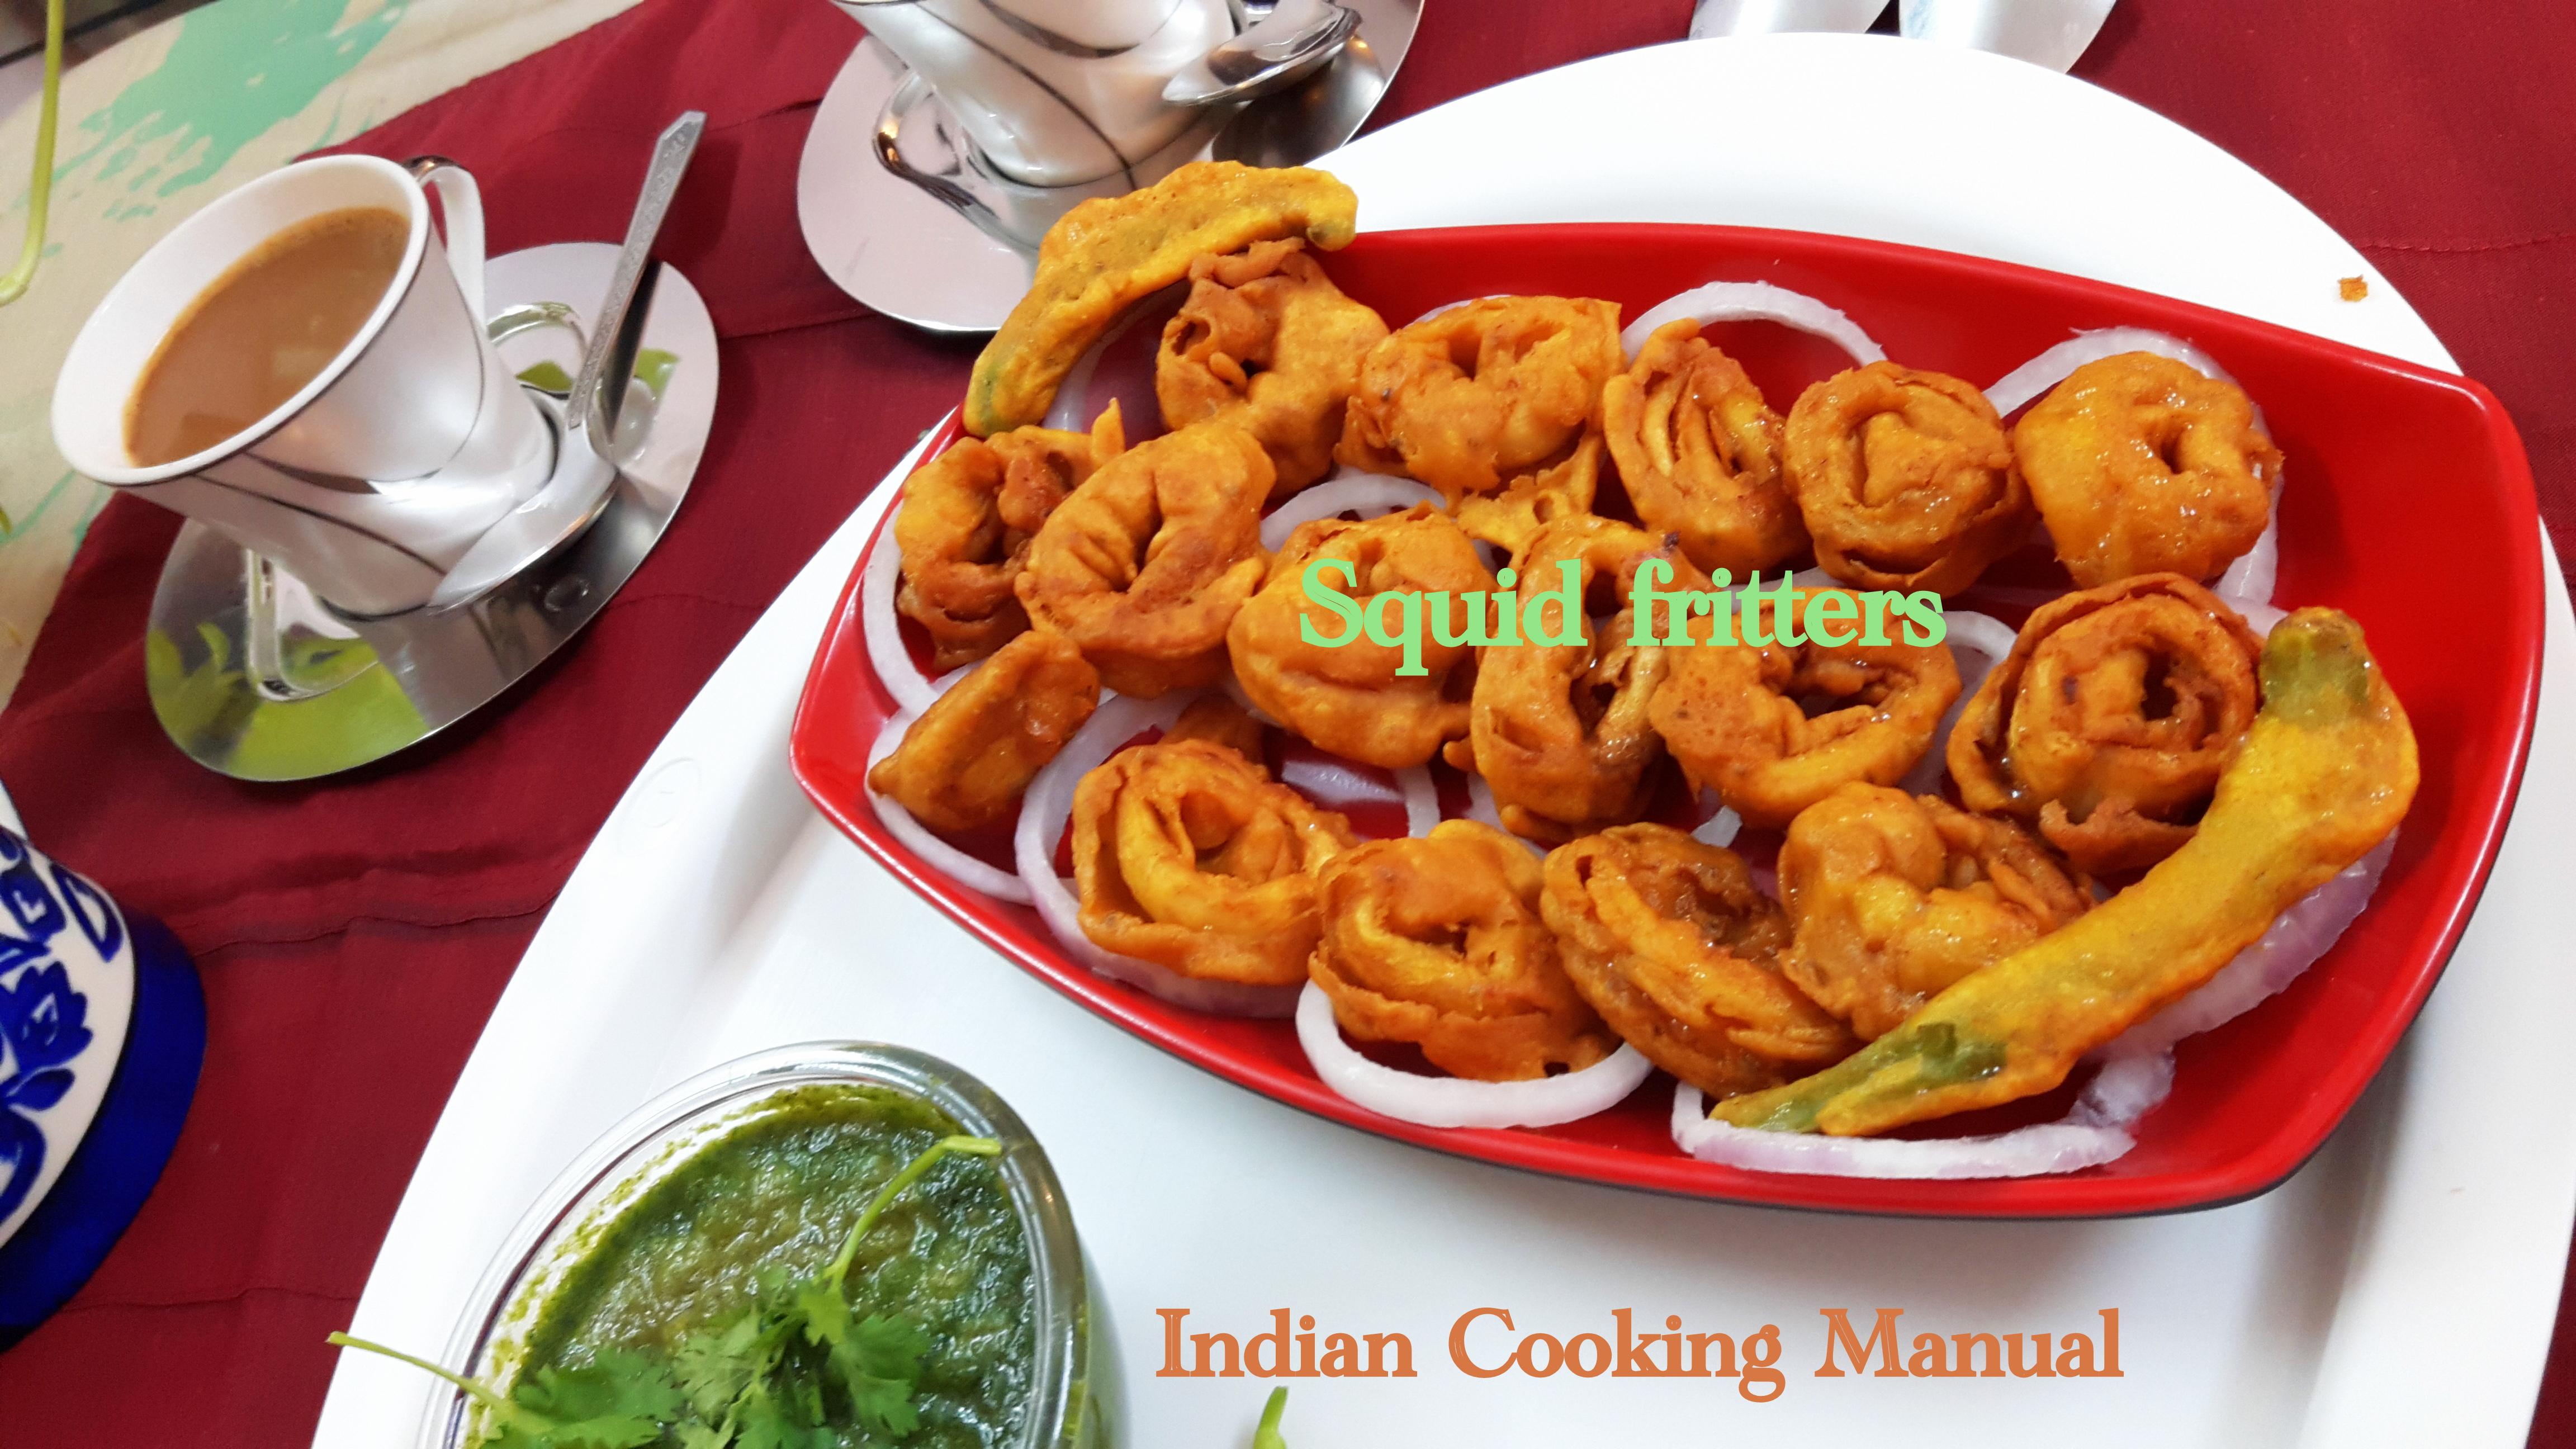 Squid fritters (kanava fish pakora/pakoda)